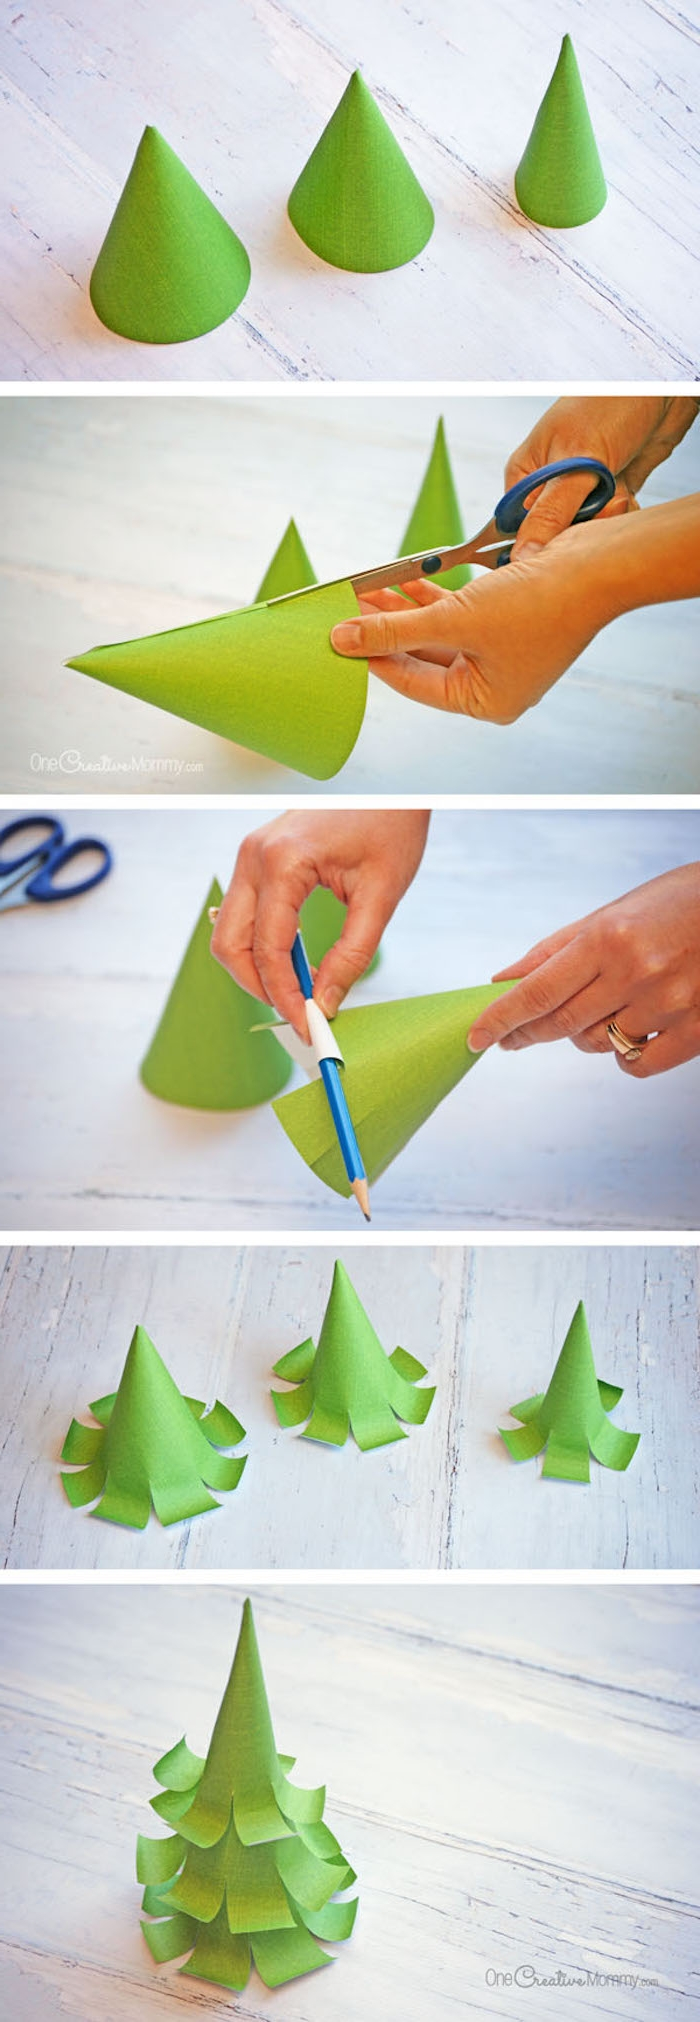 Kleine Weihnachtsbäume aus Papier selber machen, DIY Anleitung in fünf Schritten, Weihnachtsbasteln mit Kindern